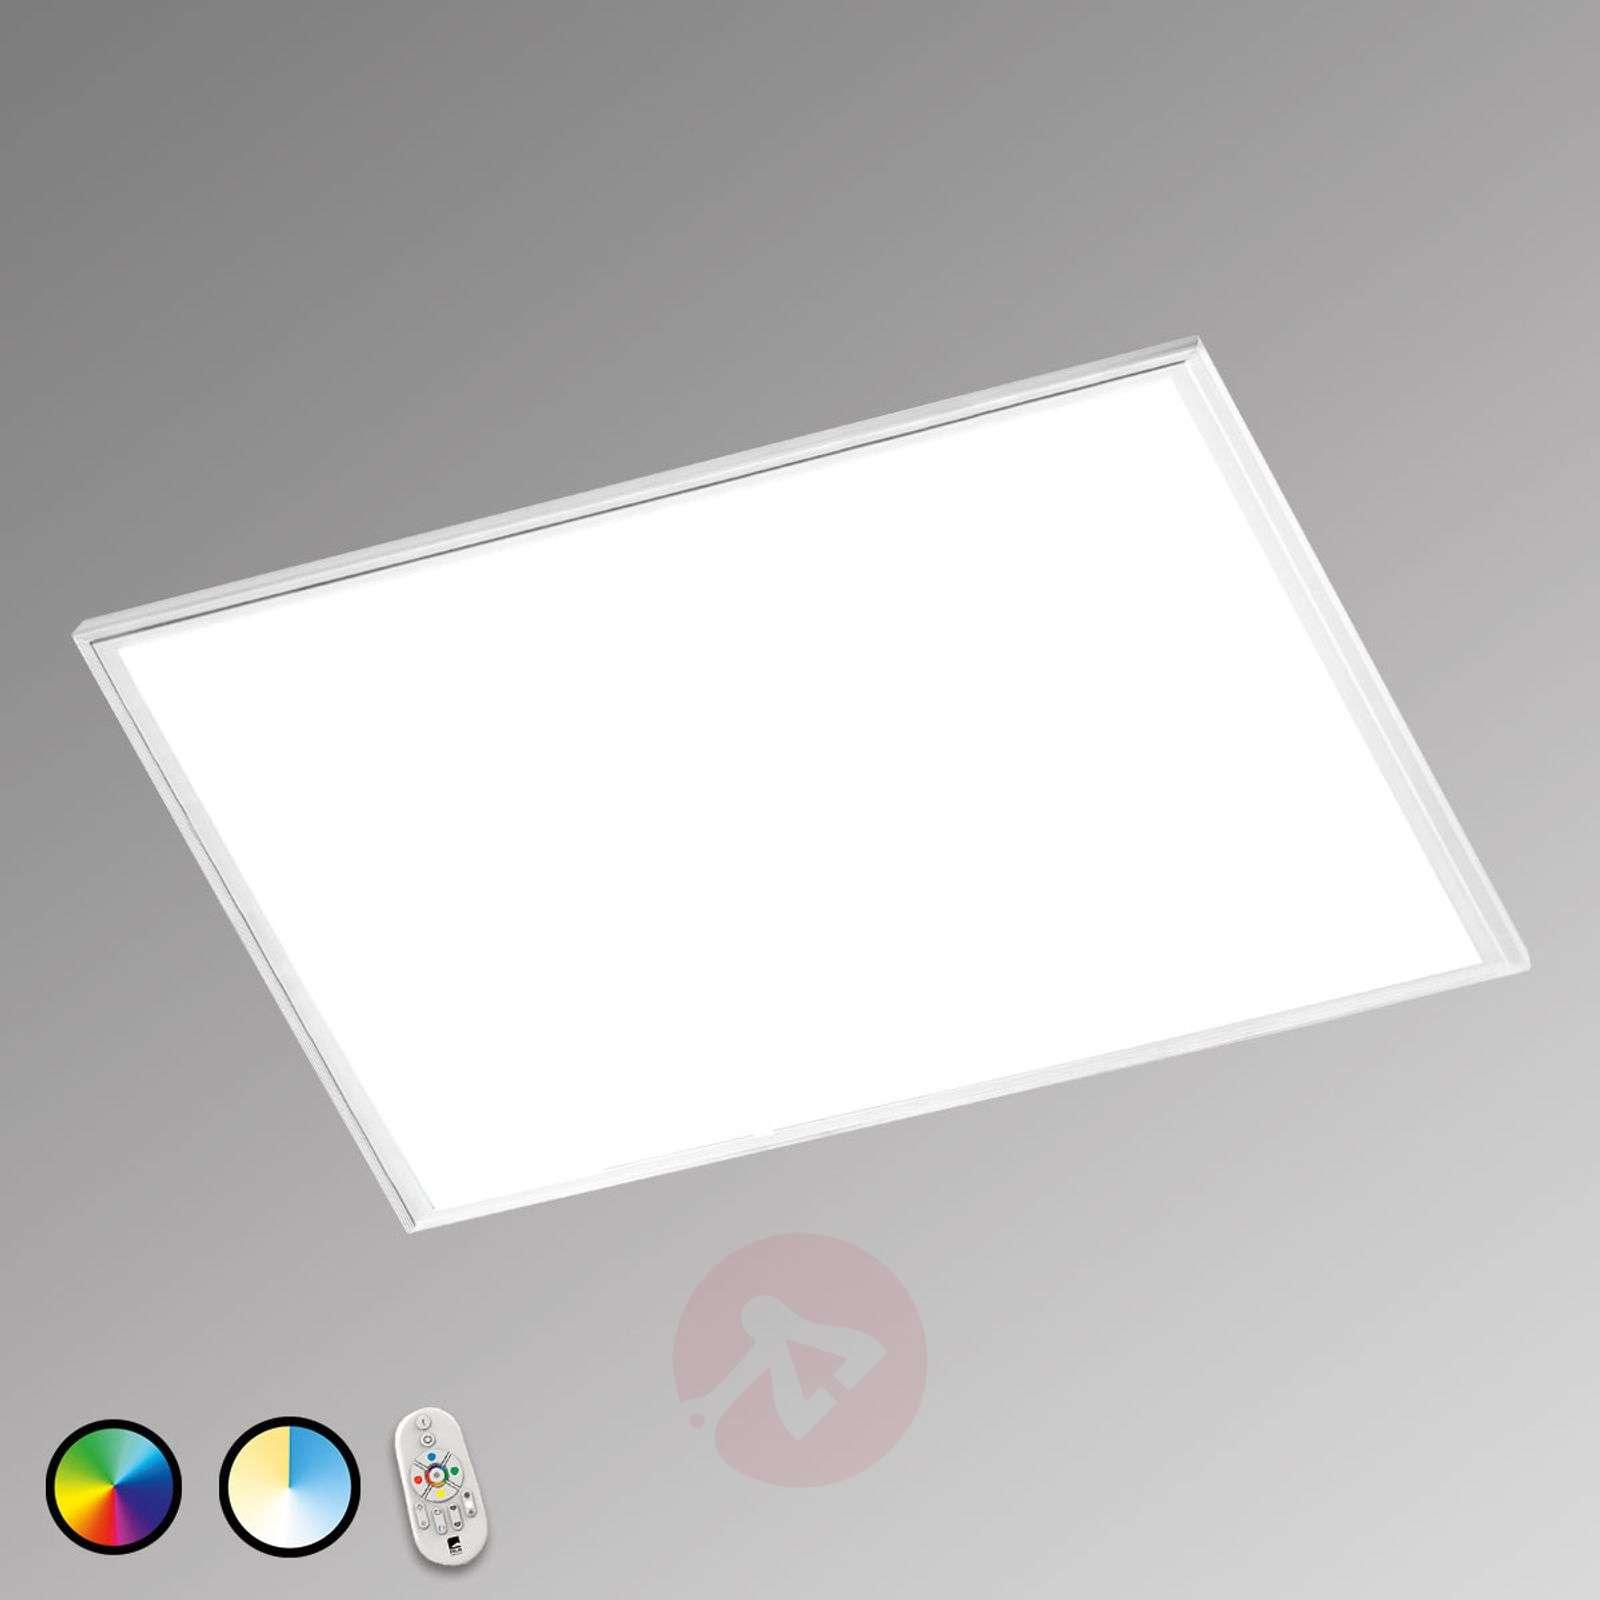 LED paneeli 60X60cm 36W Vilkkumaton PMMA Valkoinen kehys Sis. virtalähteen